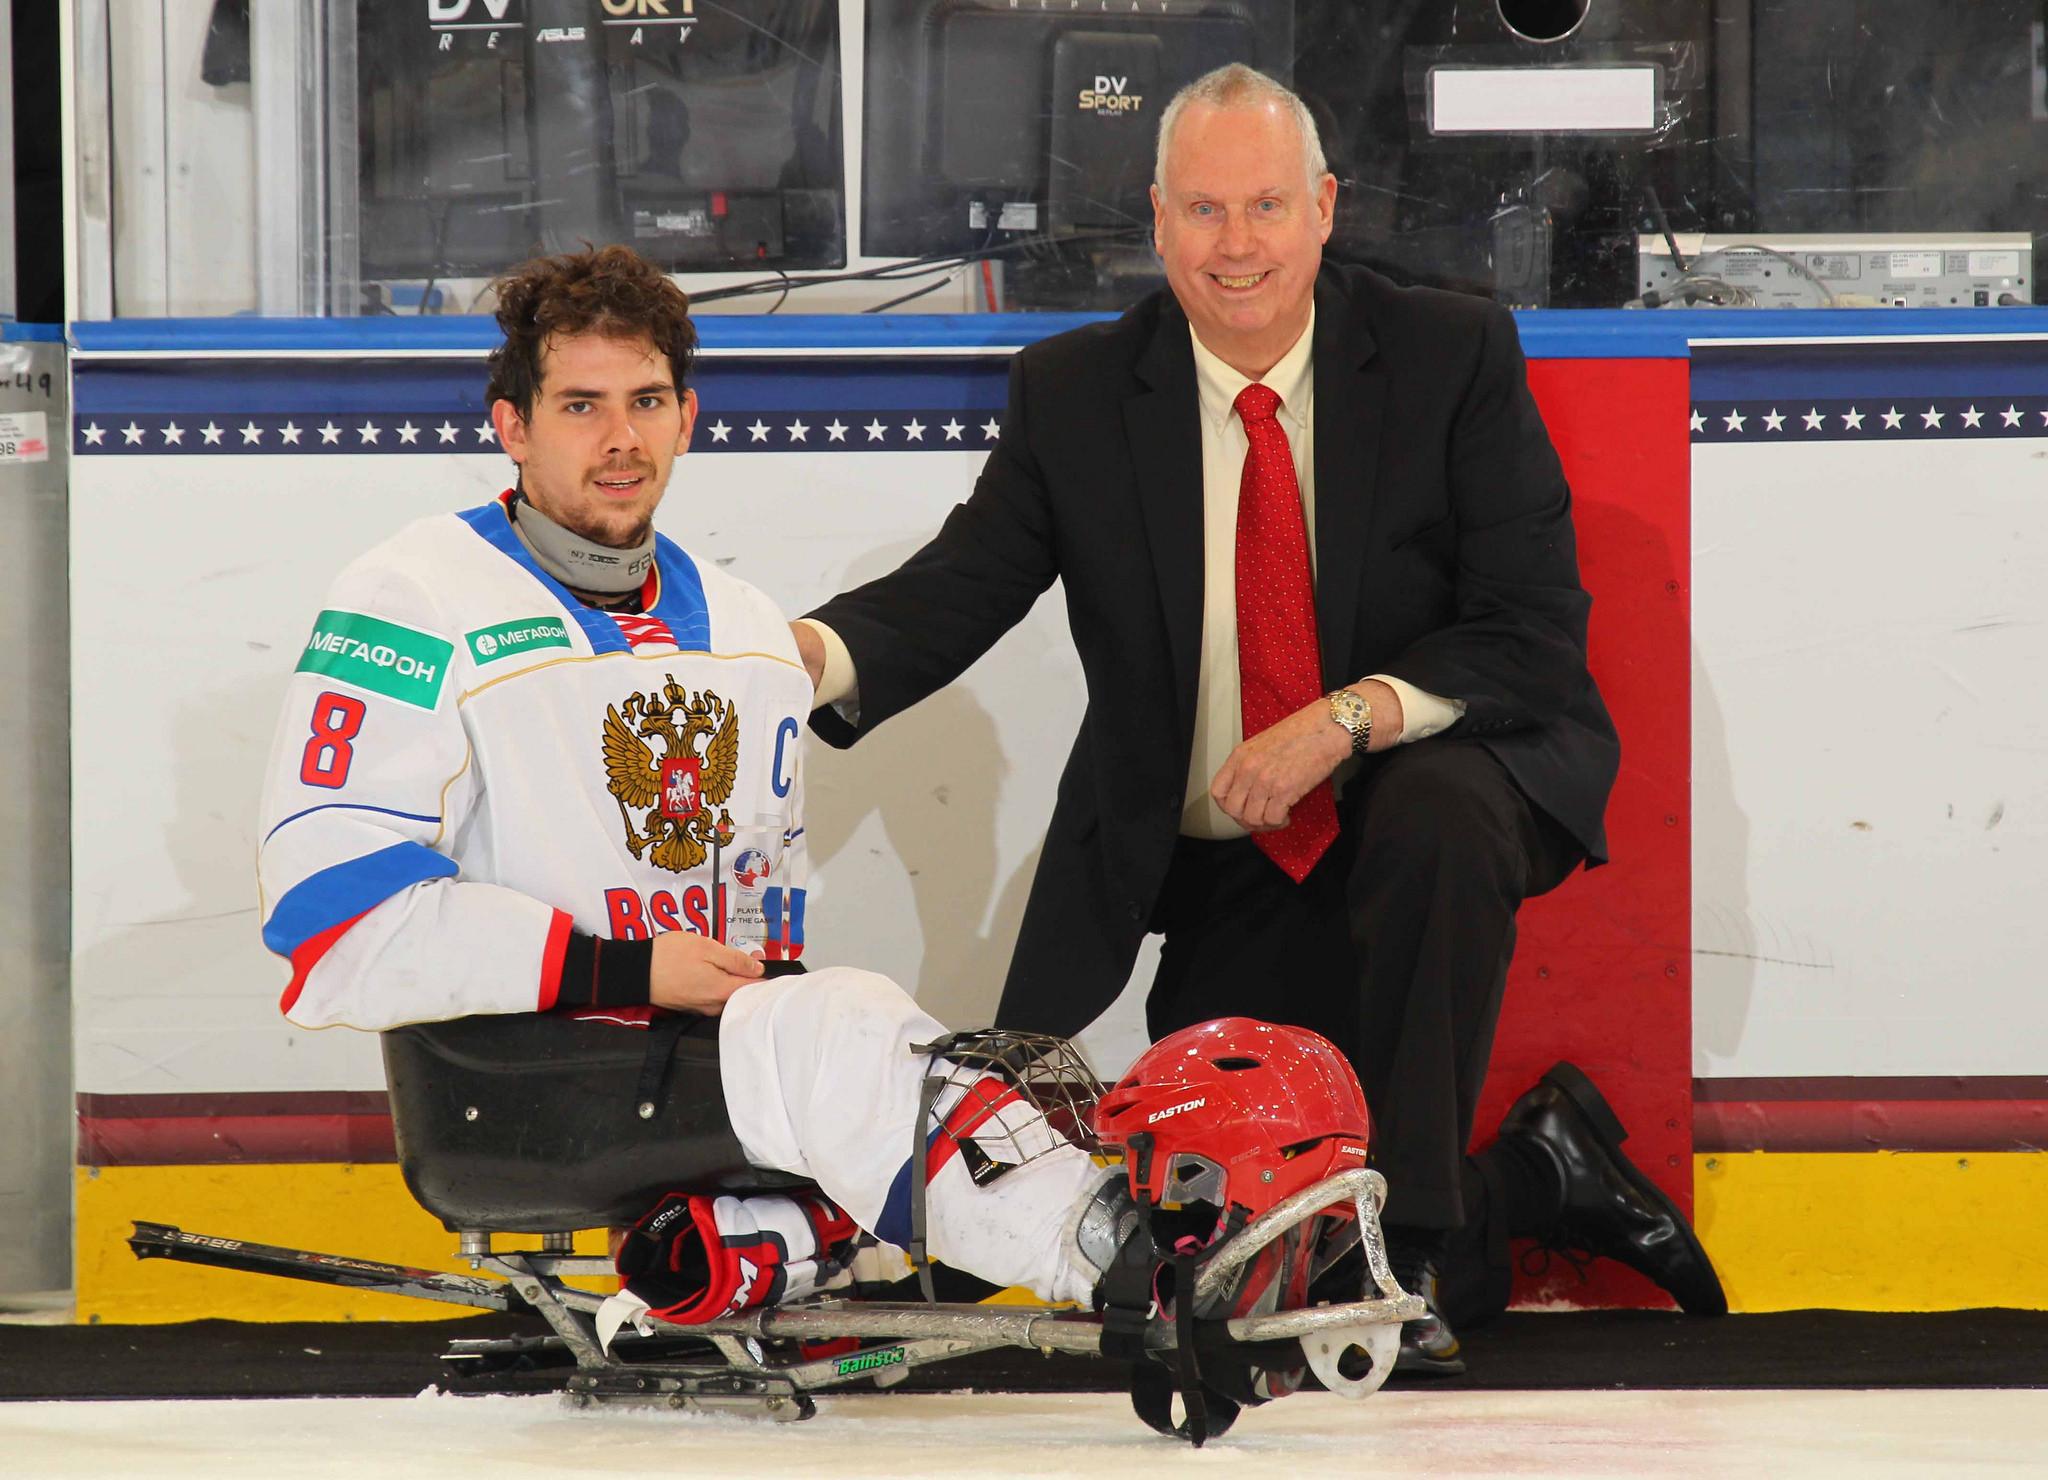 Капитан сборной команды России по хоккею-следж Дмитрий Лисов признан лучшим нападающим чемпионата мира в США